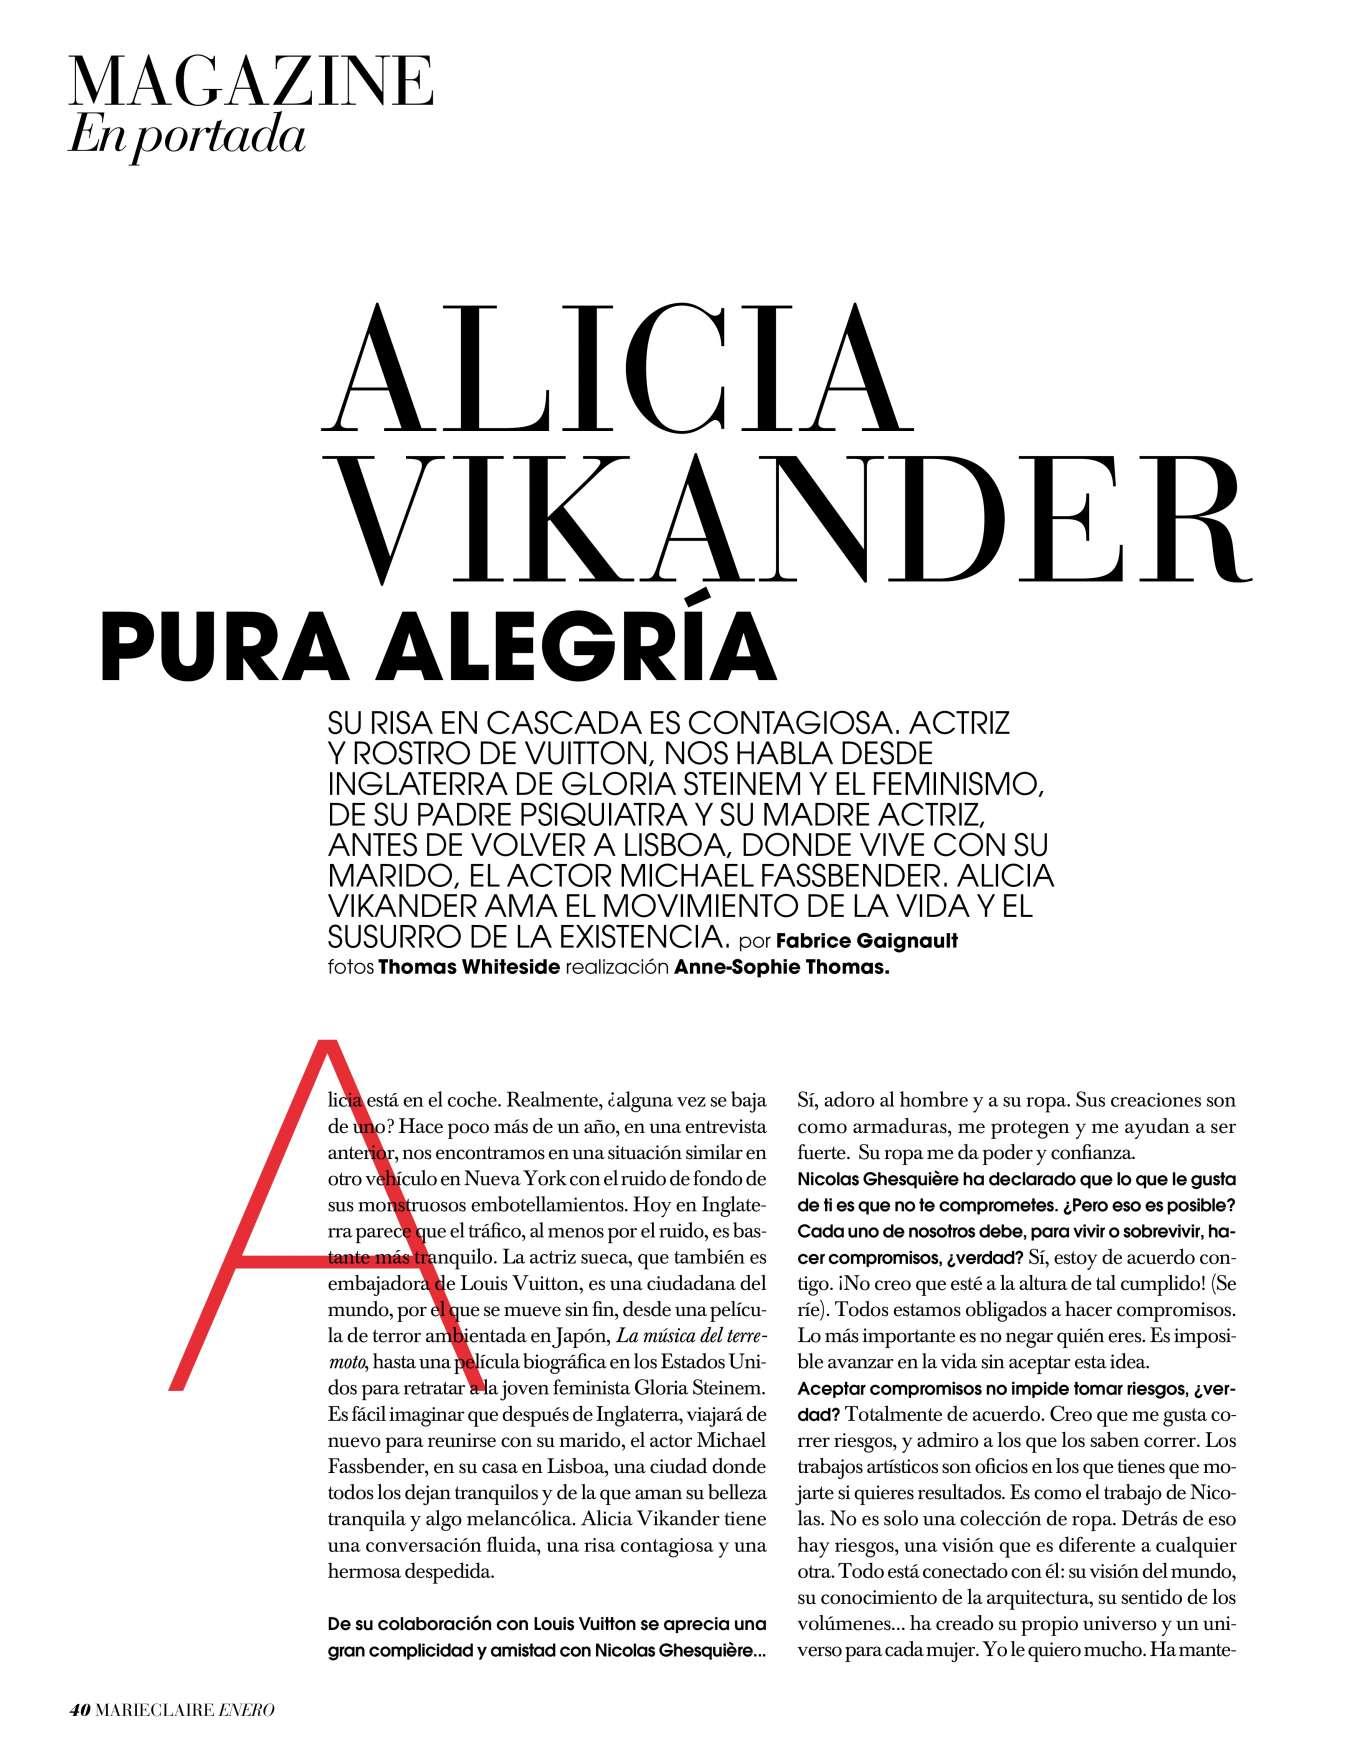 Alicia Vikander 2019 : Alicia Vikander – Marie Claire Espana 2020-04